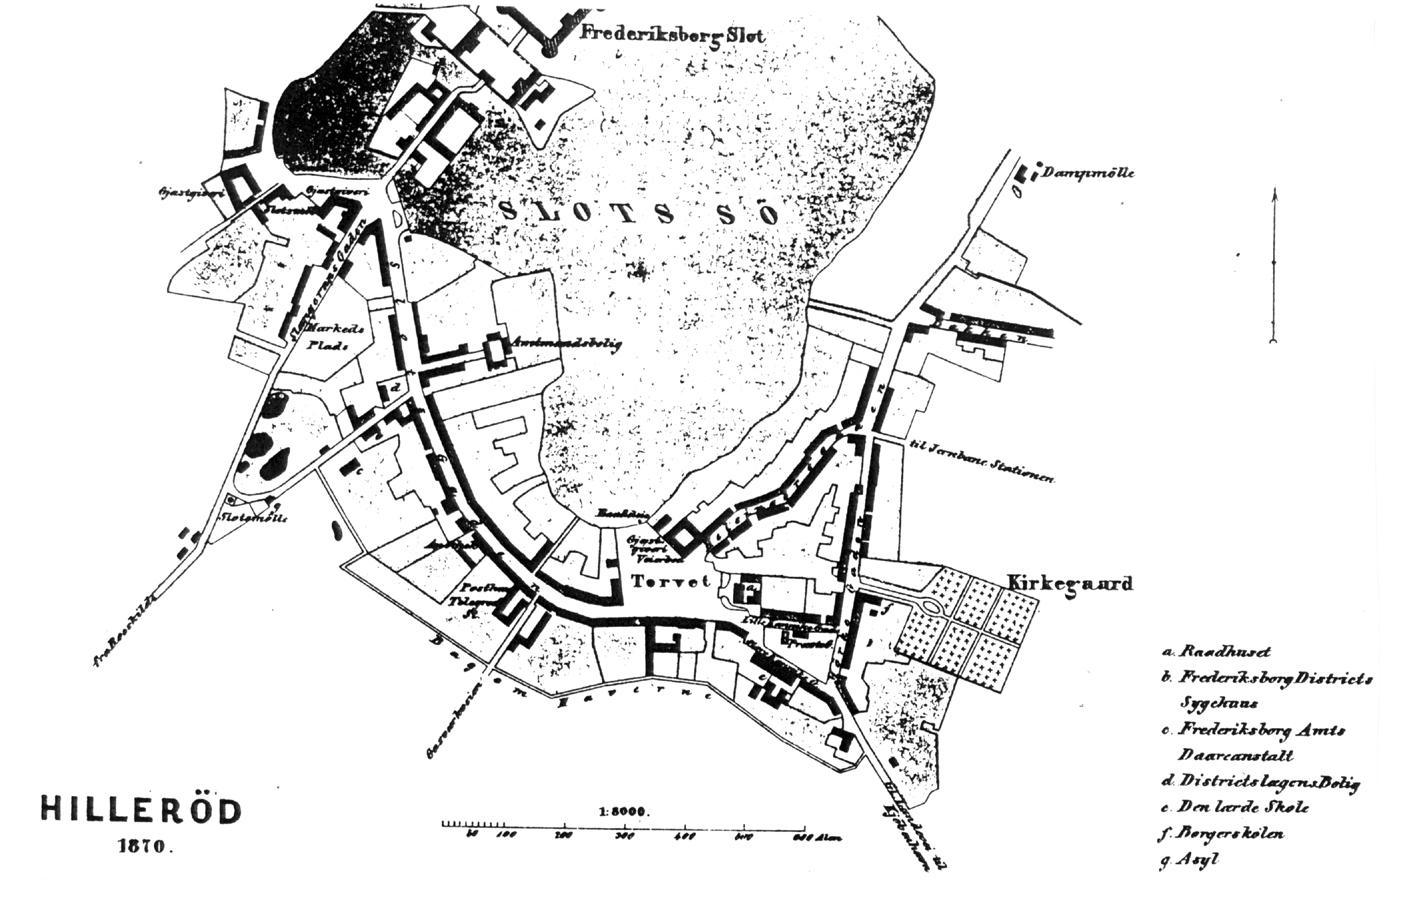 1870Hillerød.Kort